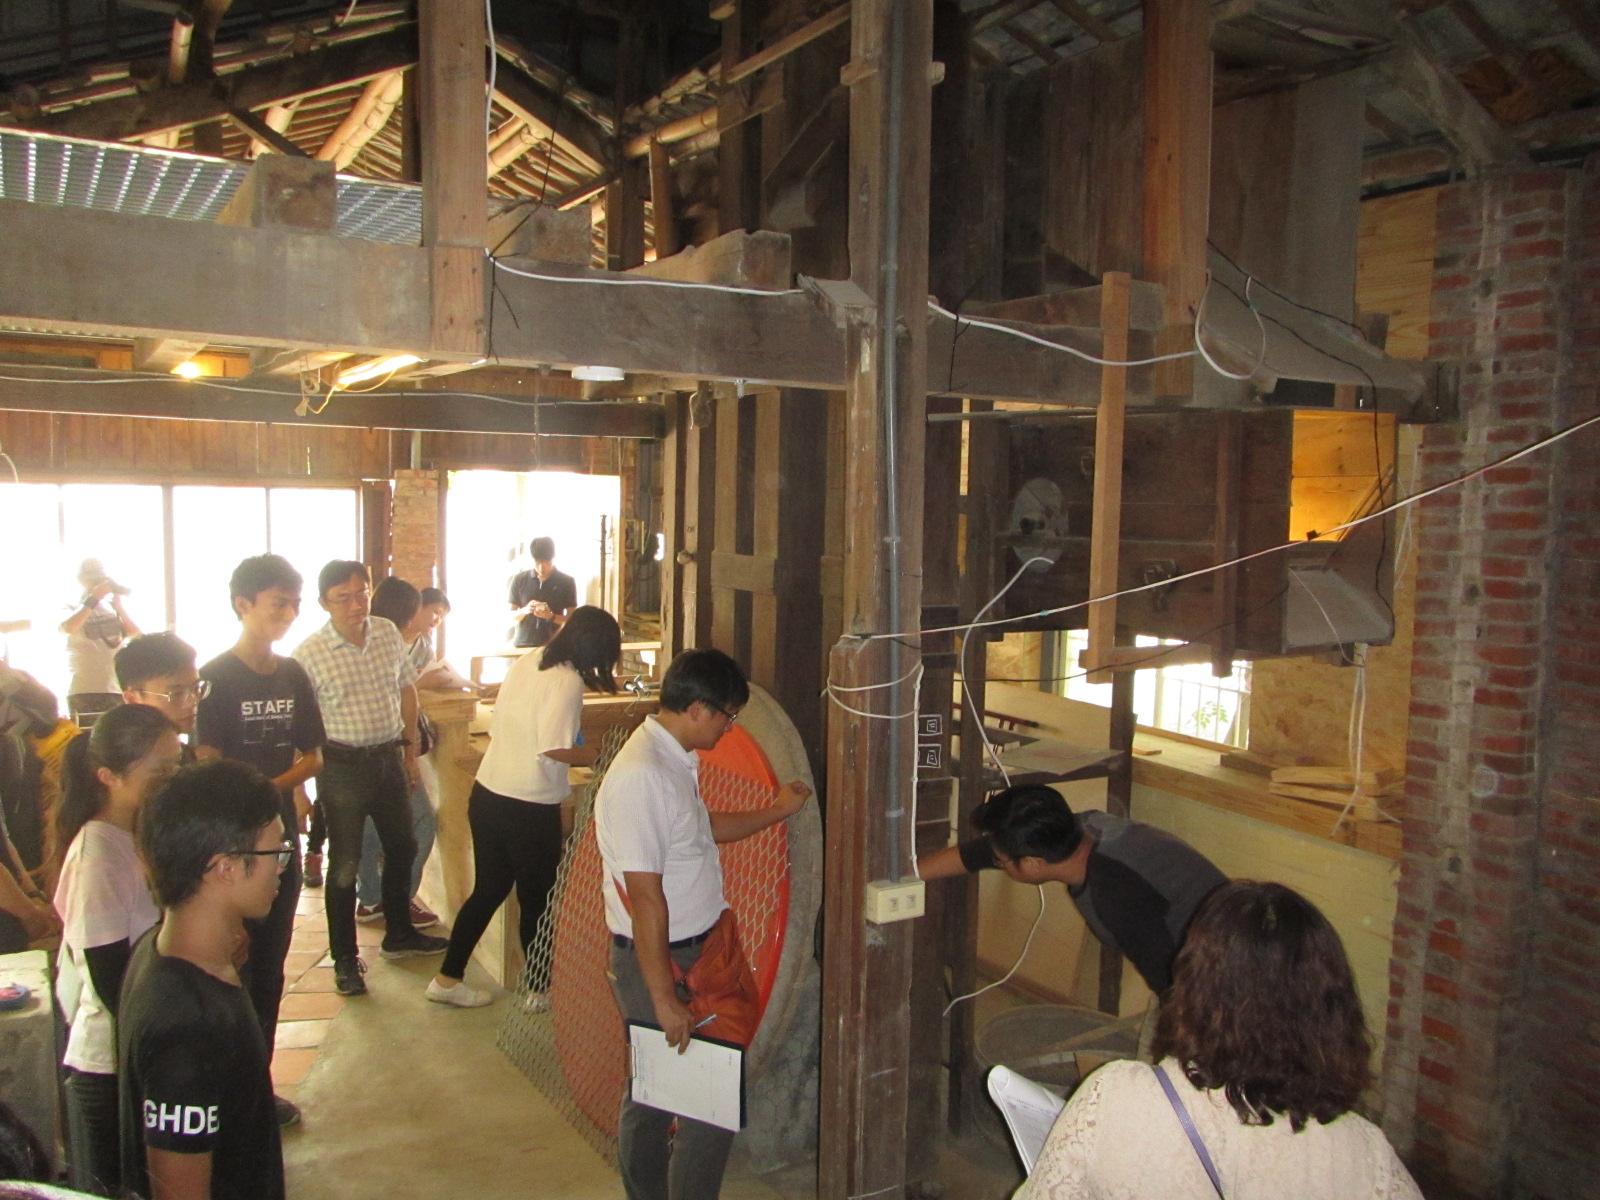 官田藝農學堂藝術青年常年駐守大崎 嘗試打造村落遊戲島